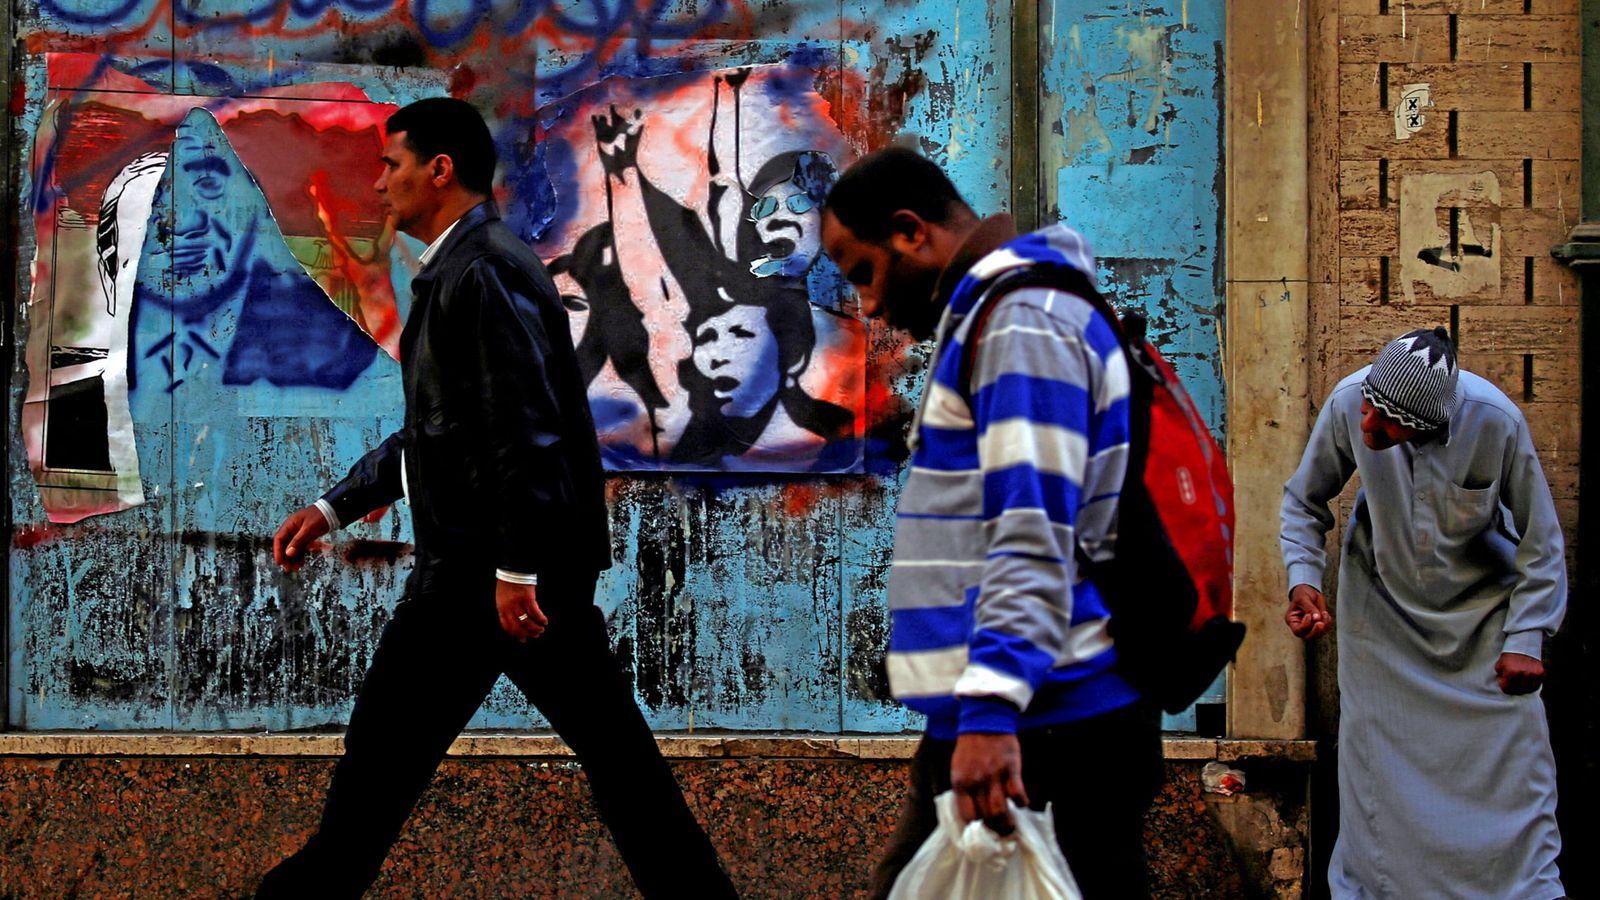 Foto: Un grupo de egipcios pasa frente a un mural con pintadas y pósteres electorales en El Cairo, el 8 de febrero de 2018. (Reuters)